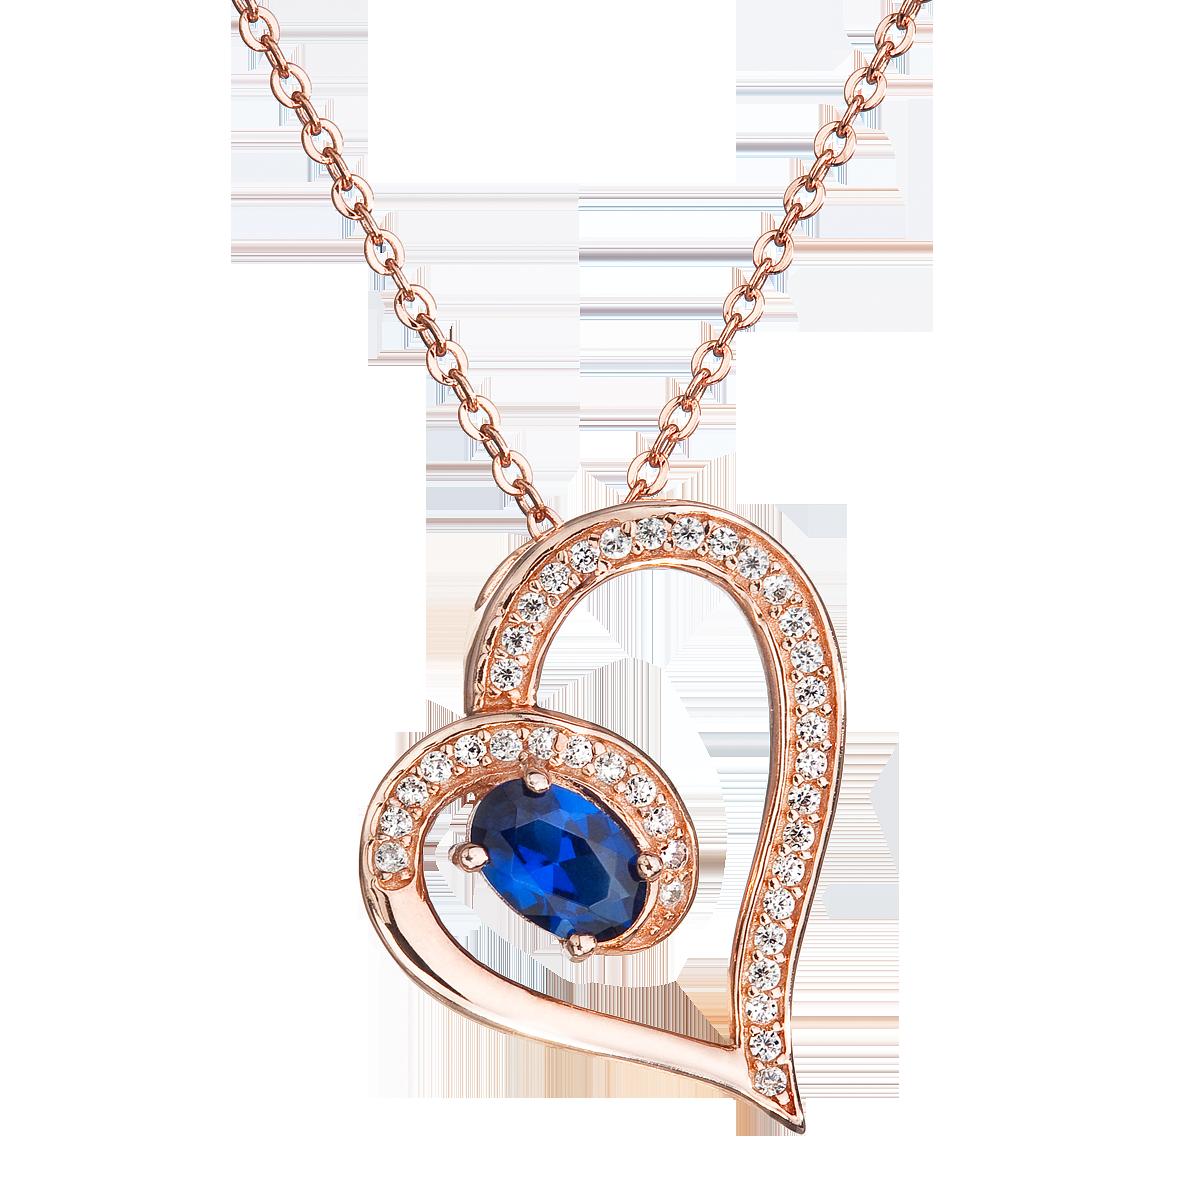 Šperky pro tebe Stříbrný přívěšek s řetízkem – Srdce s modrým zirkonem